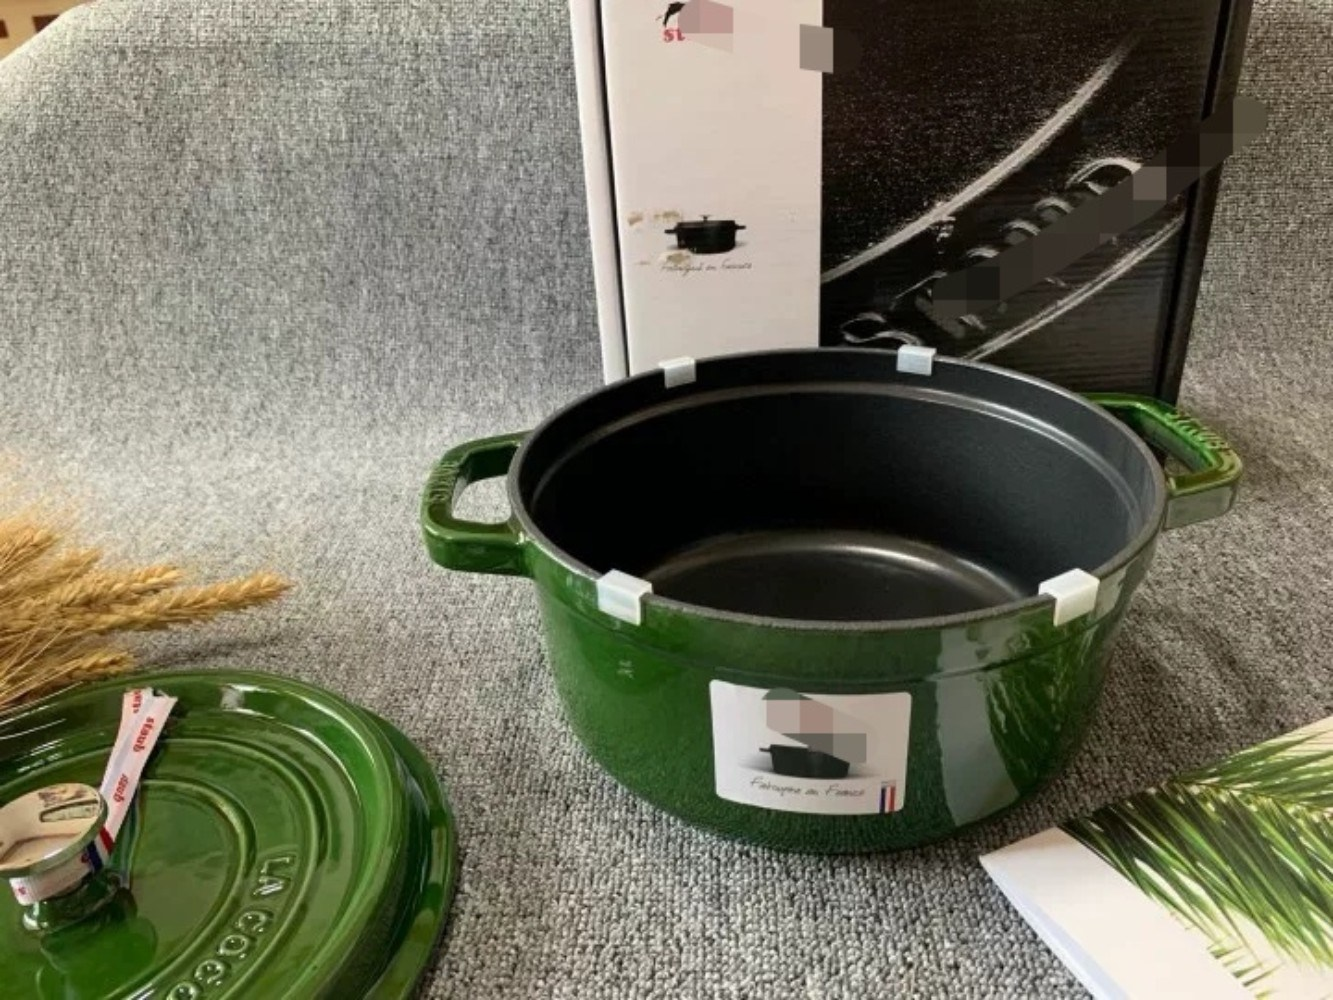 스타우브 르쿠르제냄비 주물냄비 꼬꼬떼 20cm 구이용 찜솥 가정용 주방 법랑 냄비, 녹색